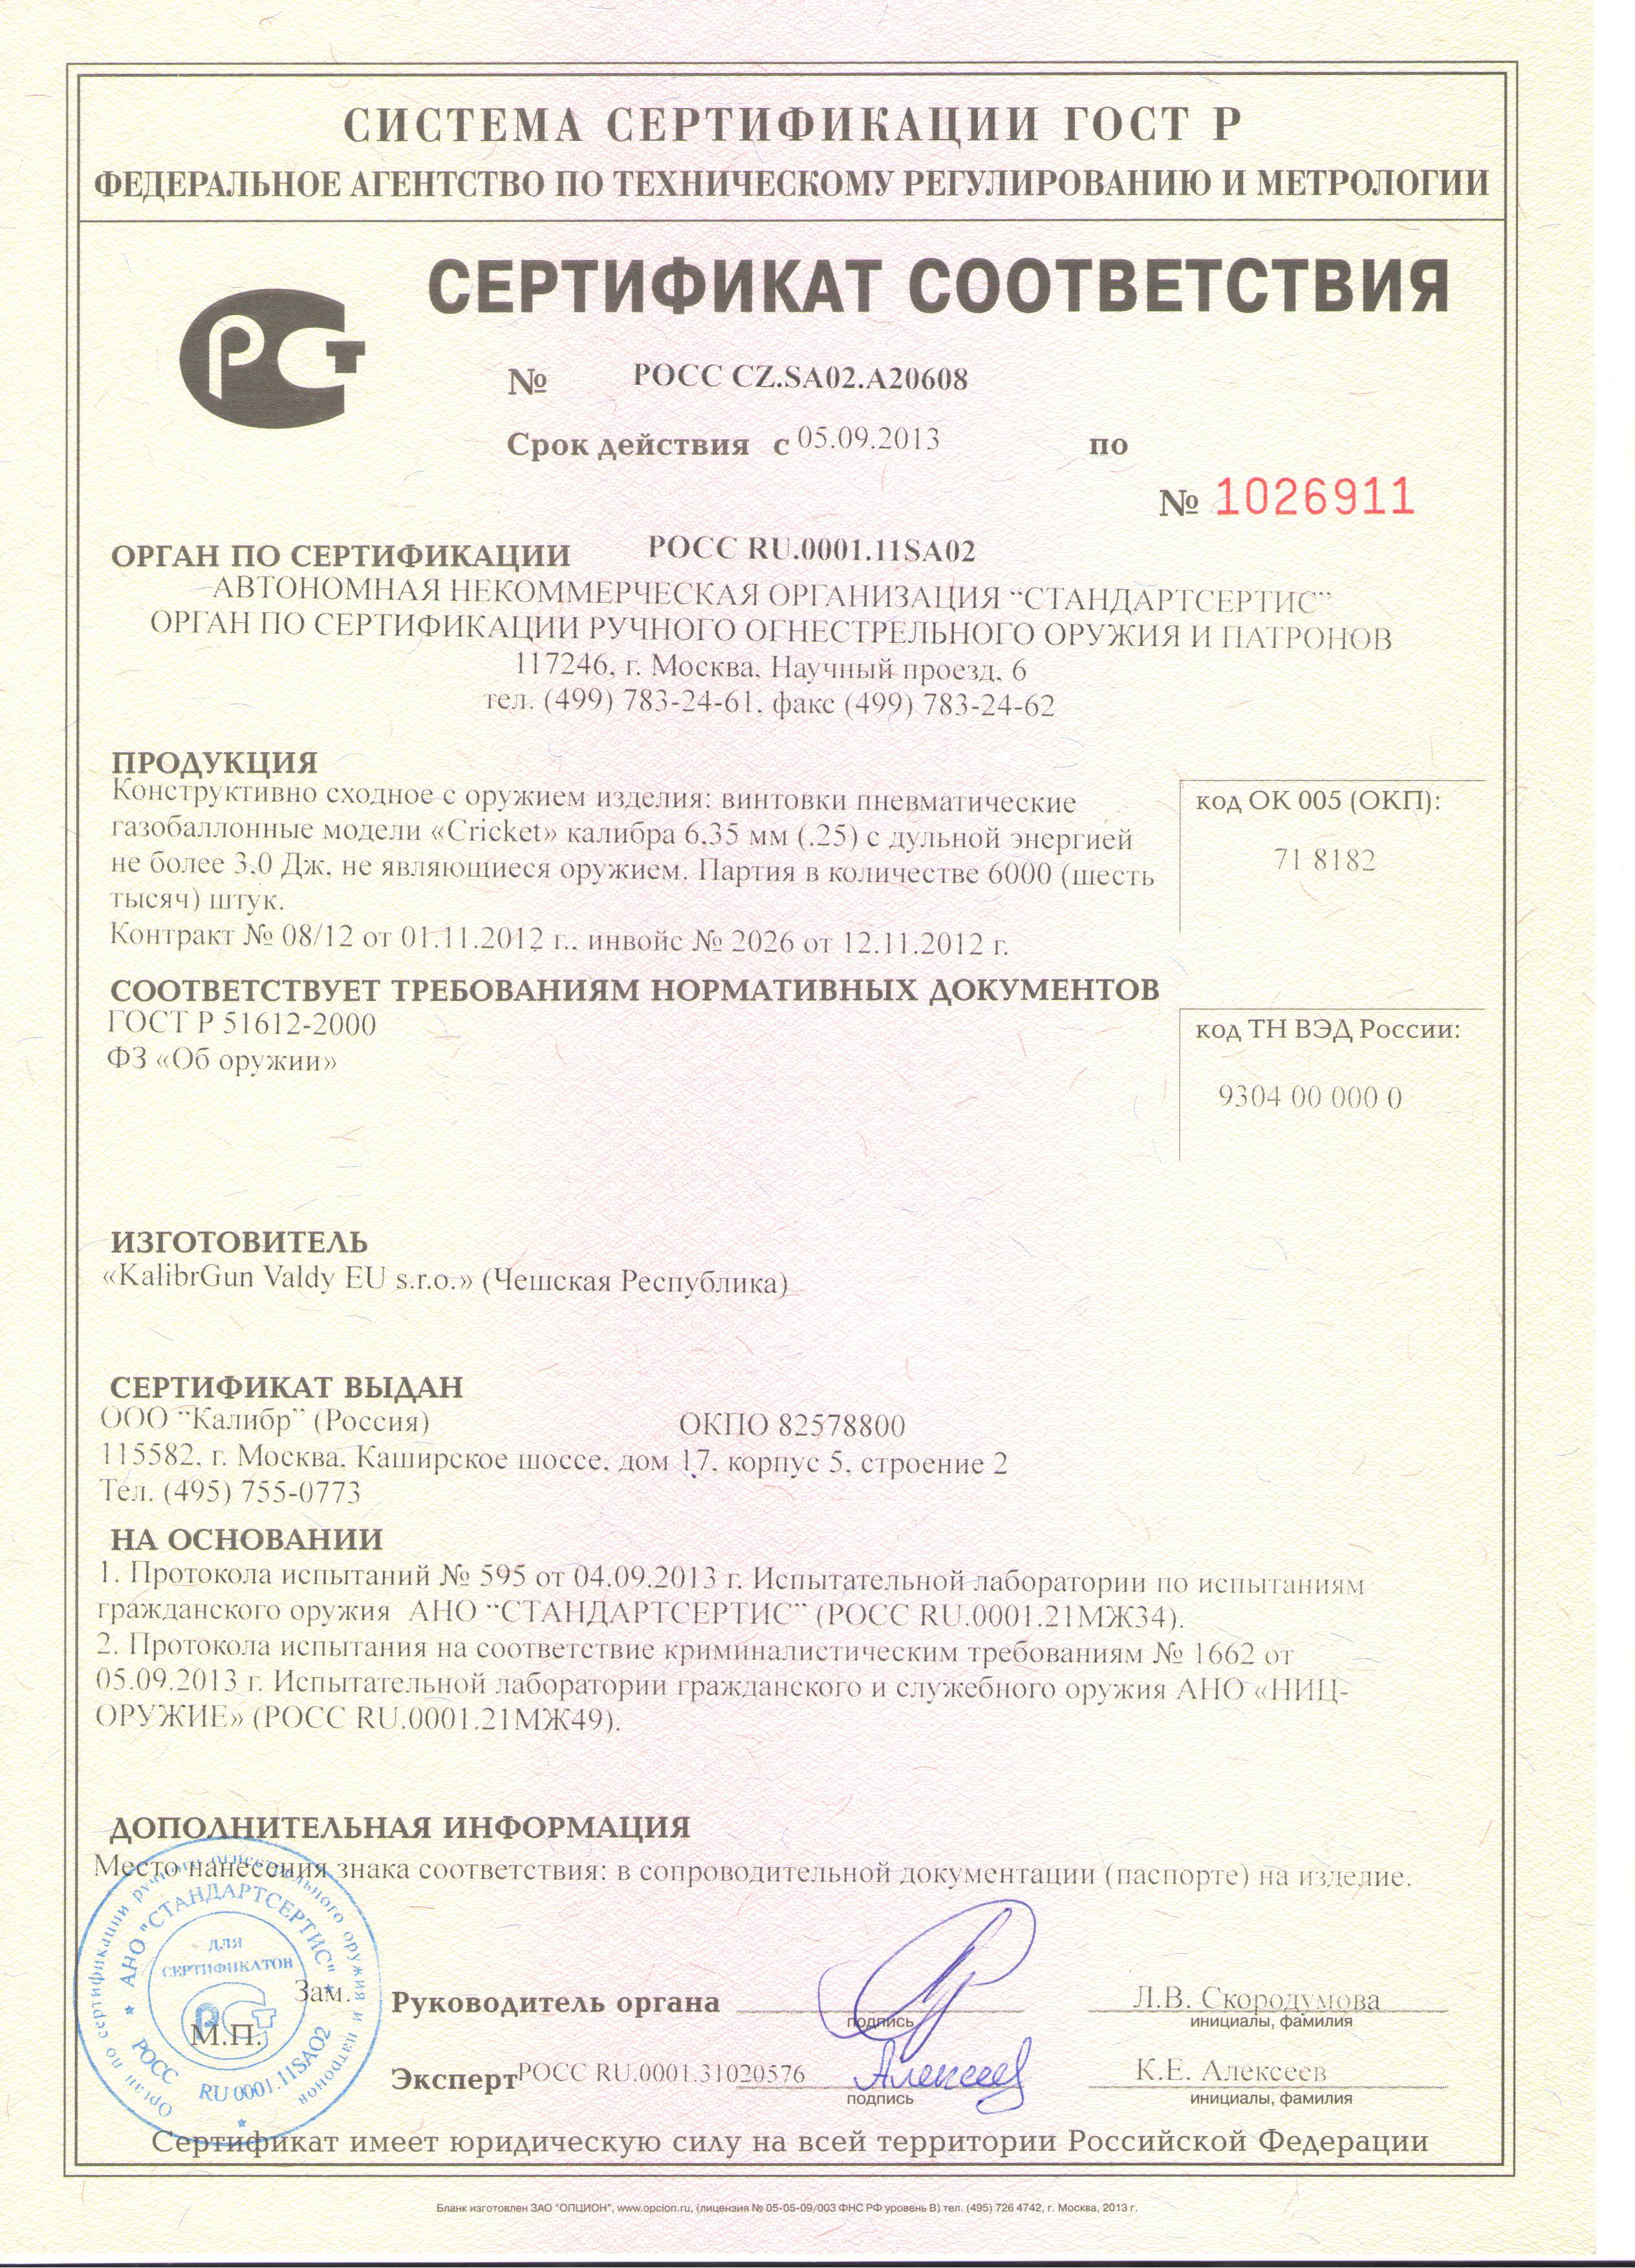 официальный сертификат на винтовку cricket